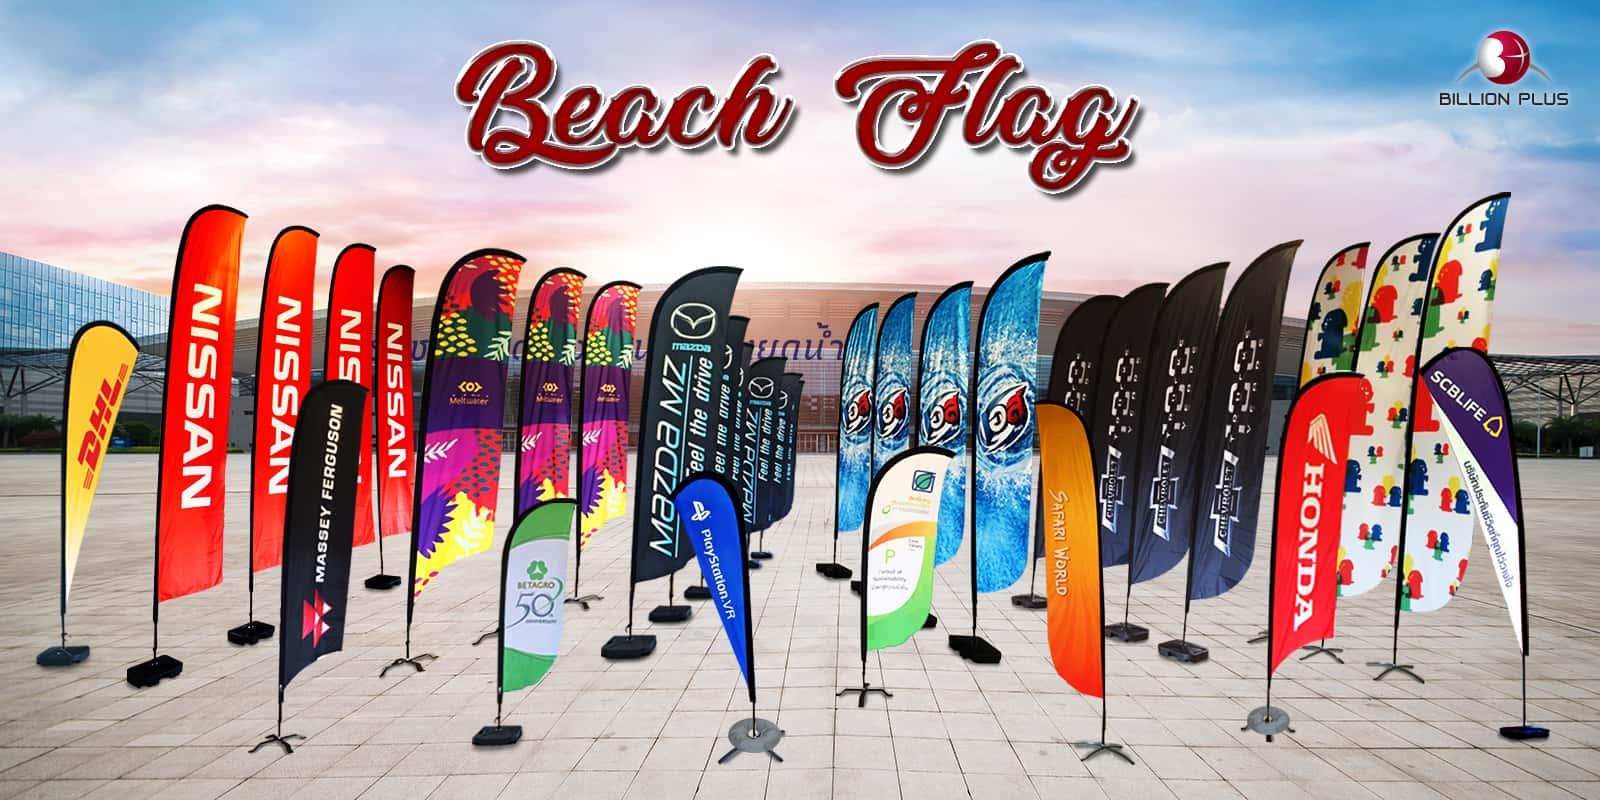 เหตุผล 9 สิ่งที่คุณควรใช้ Beachflag ธงชายหาด ในกิจกรรมส่งเสริมการขาย